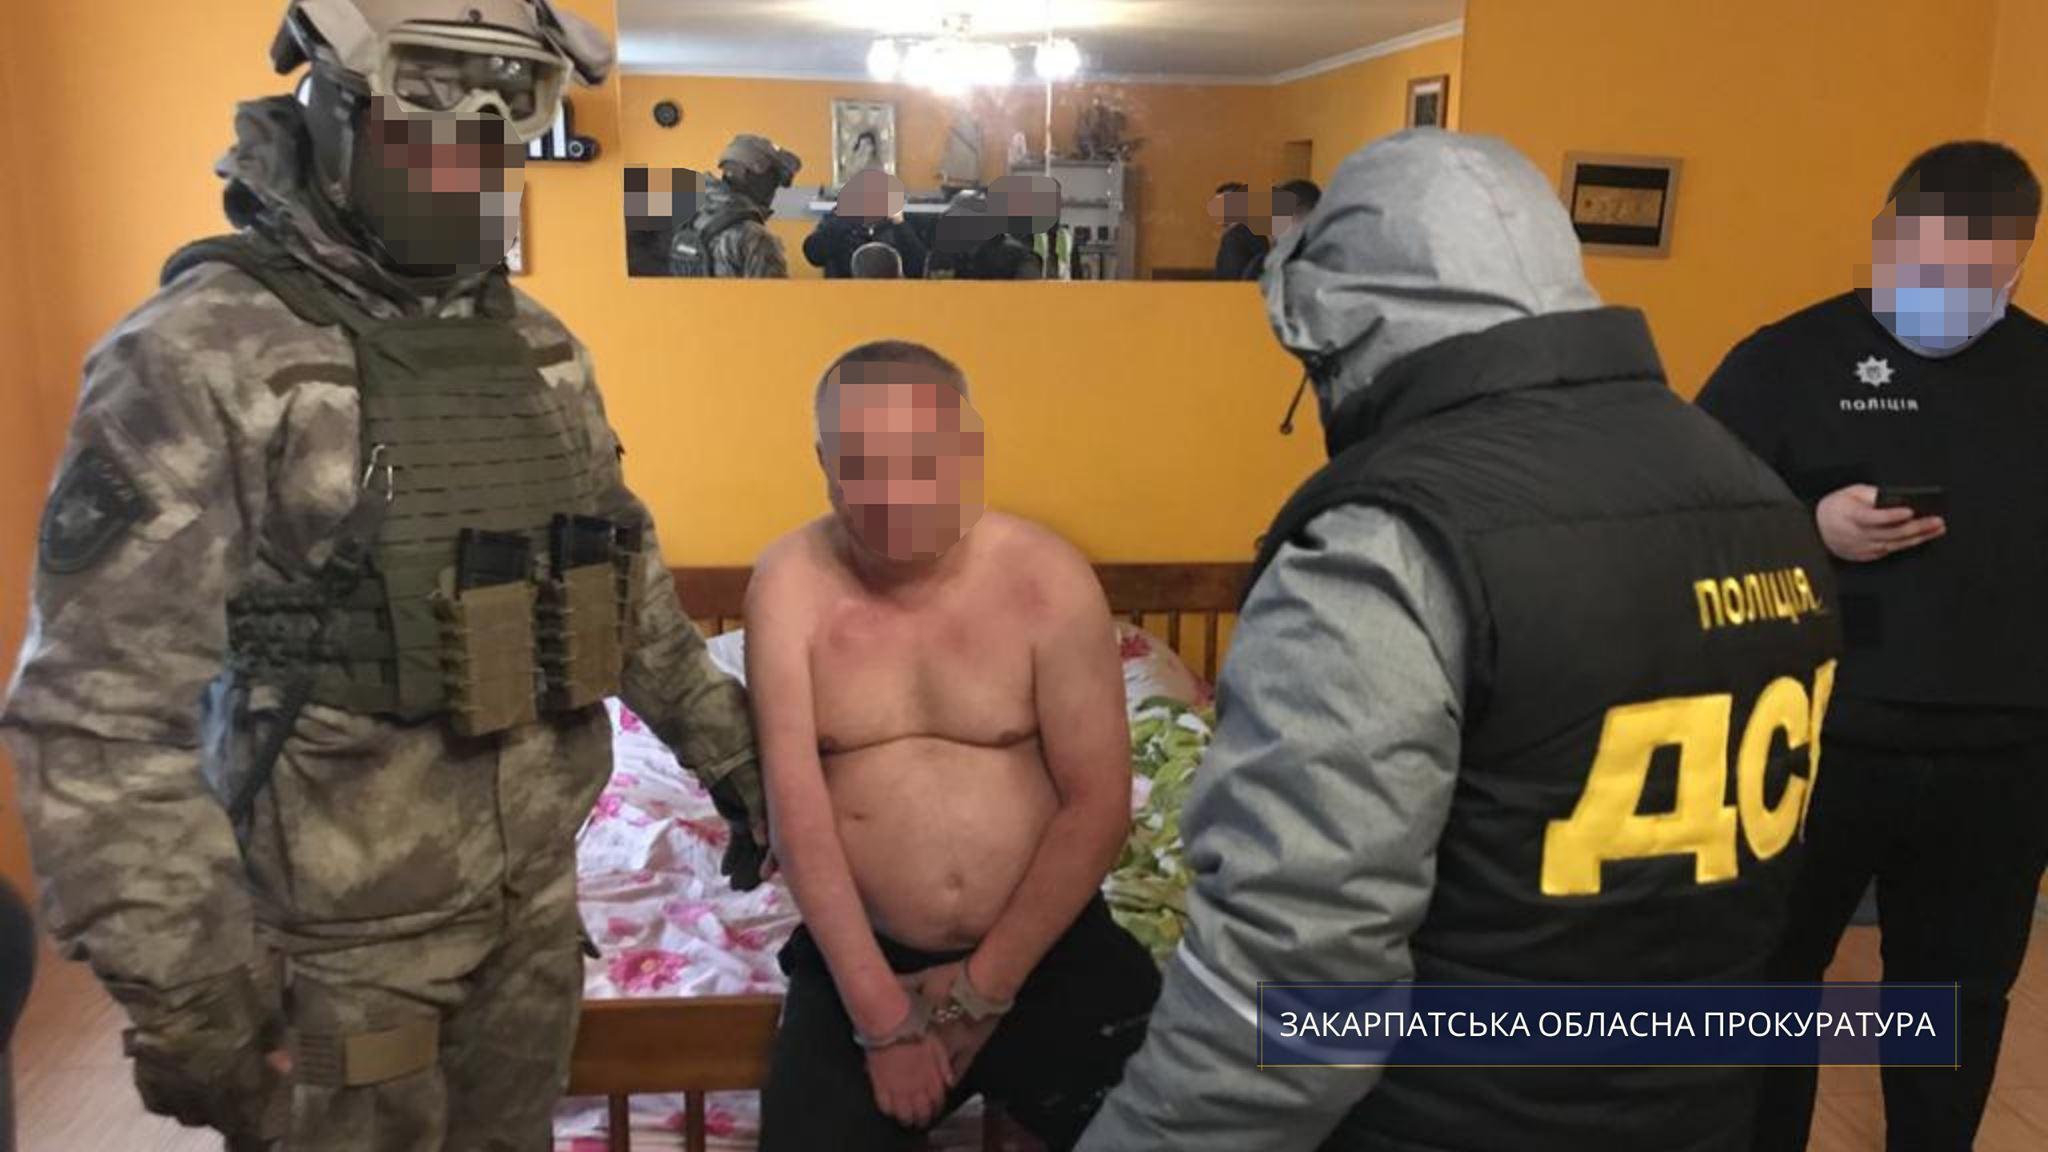 За процесуального керівництва прокурорів Закарпатської обласної прокуратури викрито групу осіб, які ймовірно збували психотропні речовини на території Ужгорода та району.